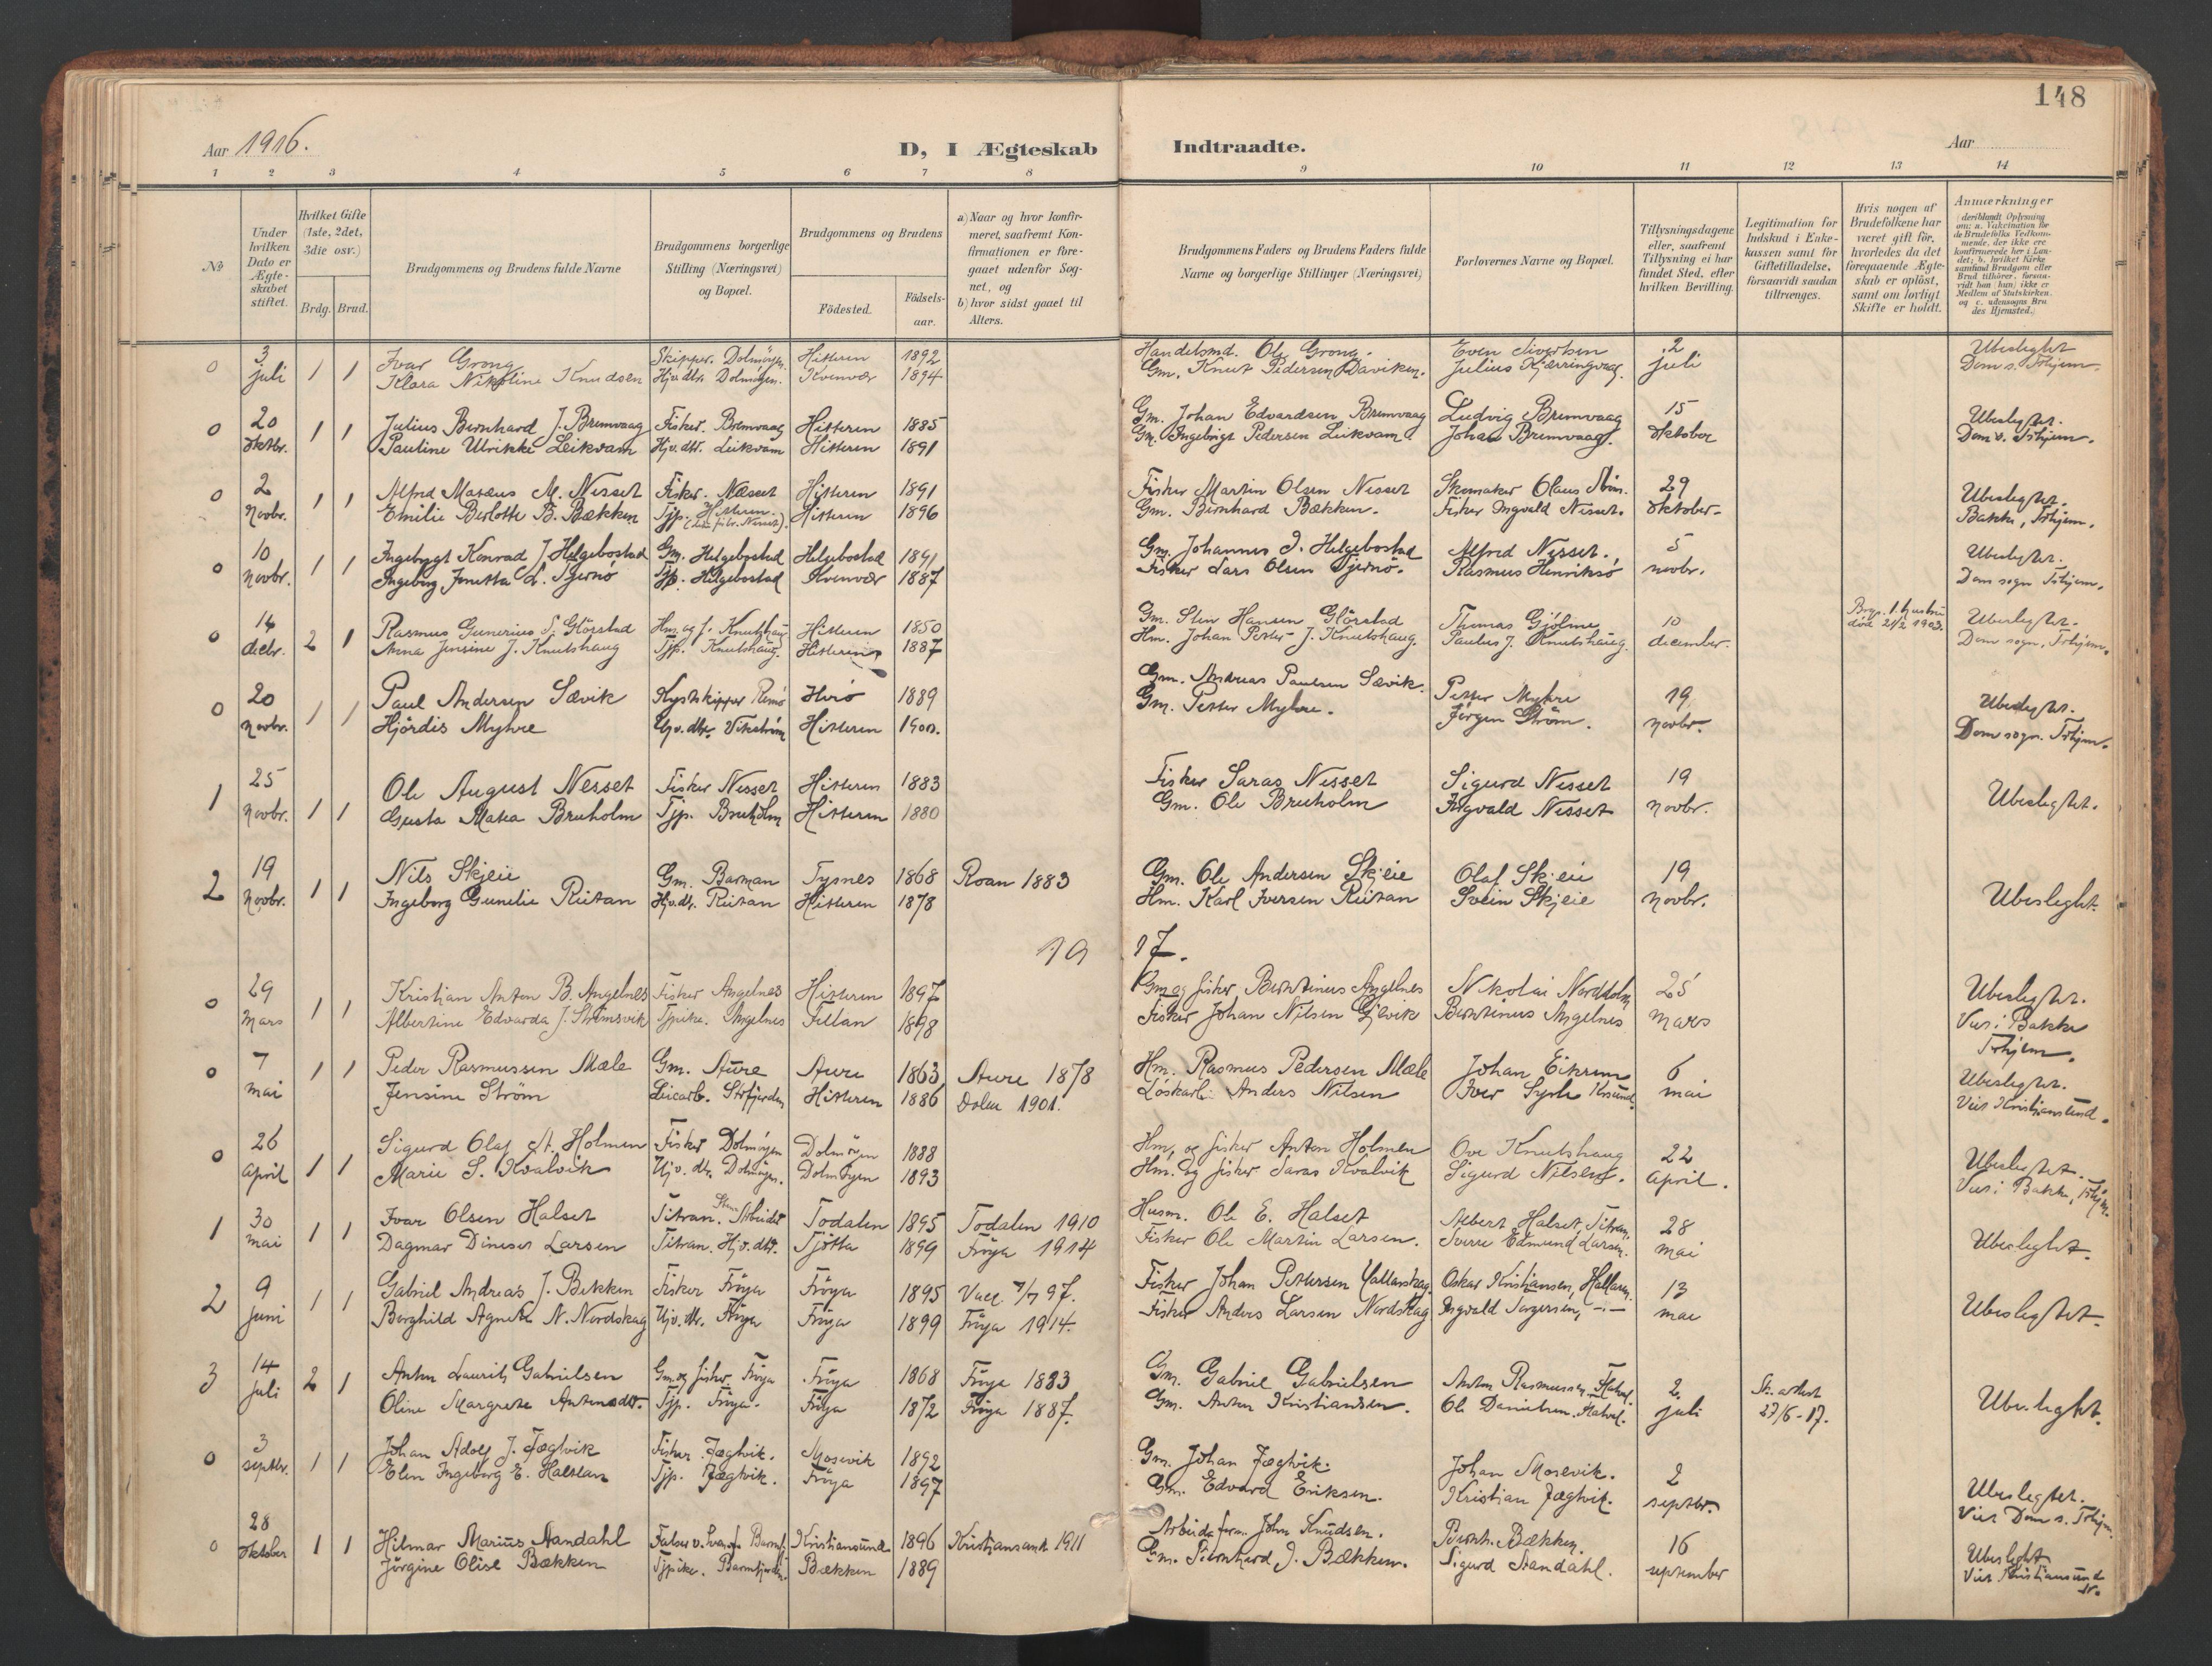 SAT, Ministerialprotokoller, klokkerbøker og fødselsregistre - Sør-Trøndelag, 634/L0537: Ministerialbok nr. 634A13, 1896-1922, s. 148